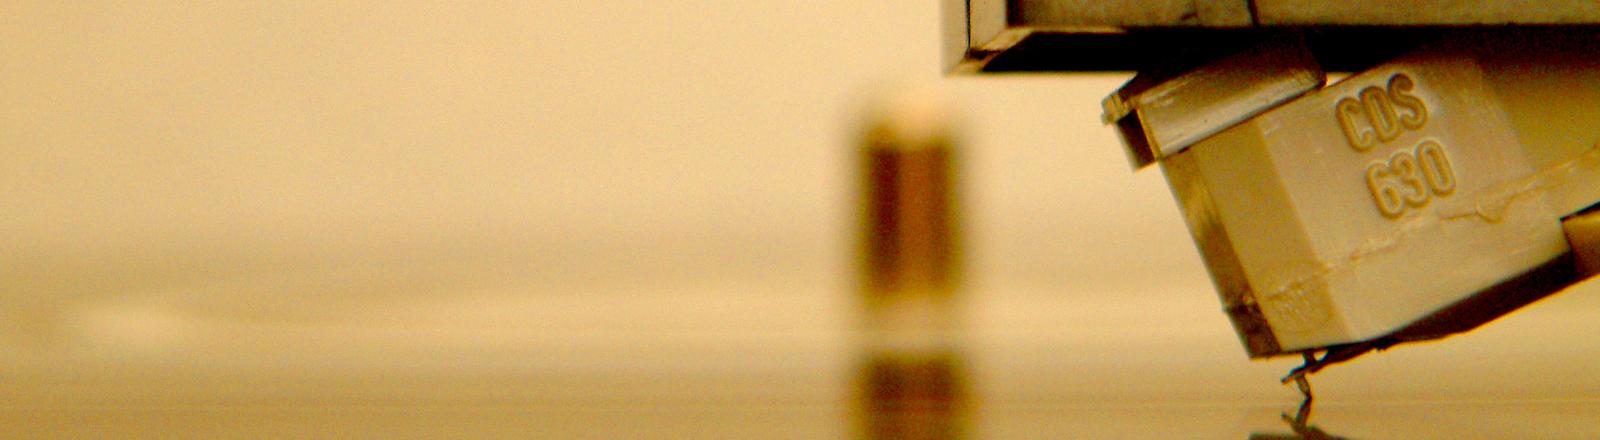 Die Nadel eines Plattenspielers auf einer Schallplatte.